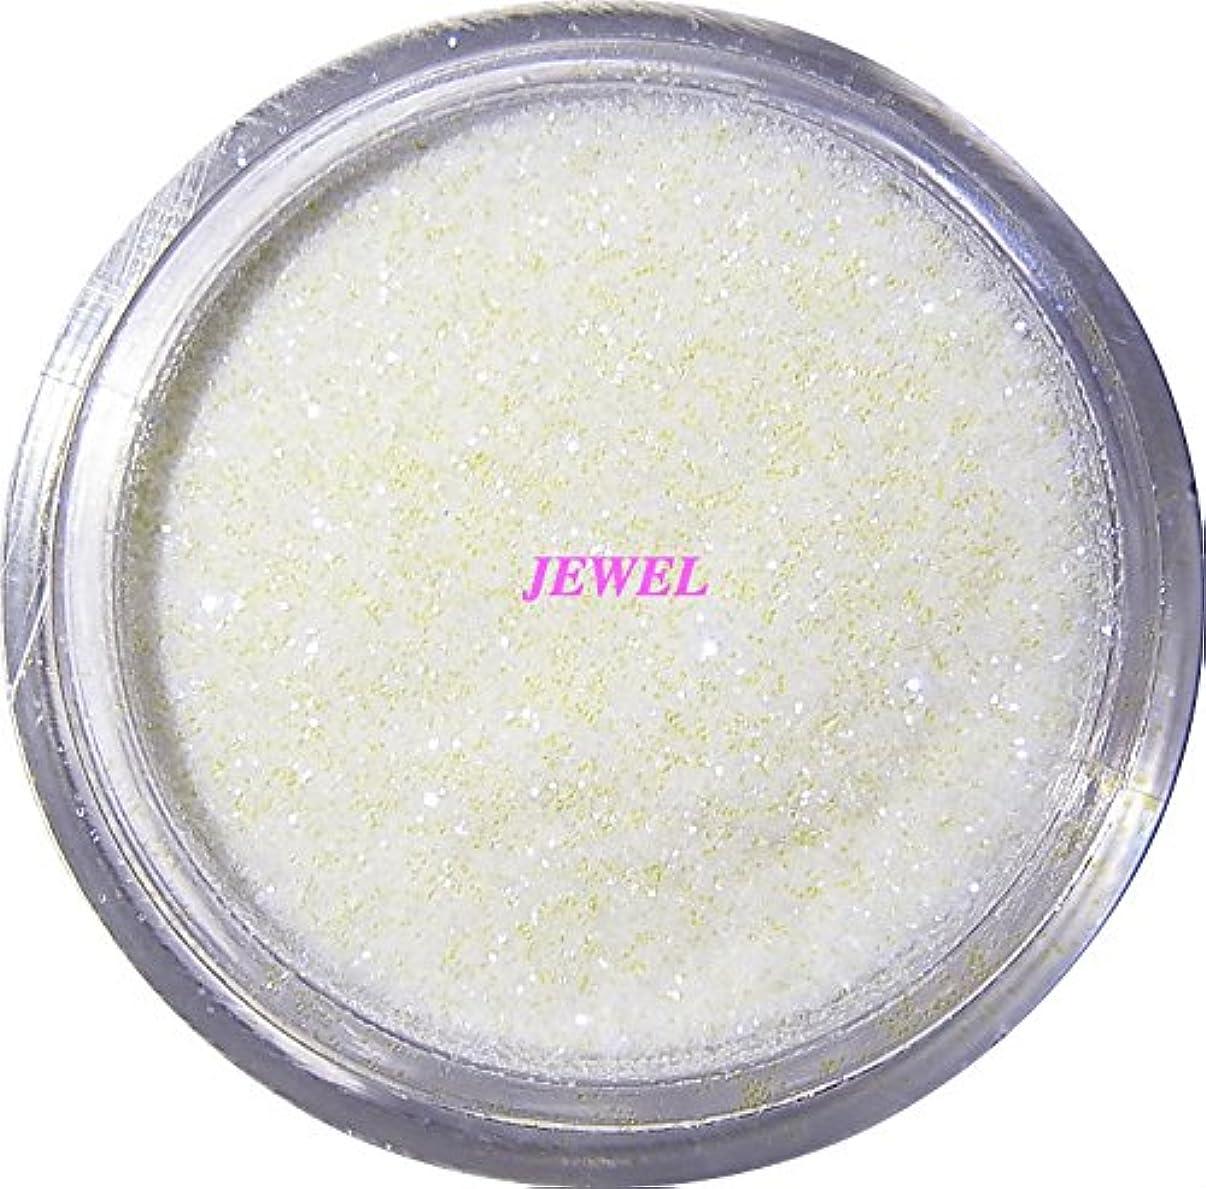 シニス戦術複製する【jewel】 超微粒子ラメパウダーたっぷり2g入り 12色から選択可能 レジン&ネイル用 (パールホワイト)